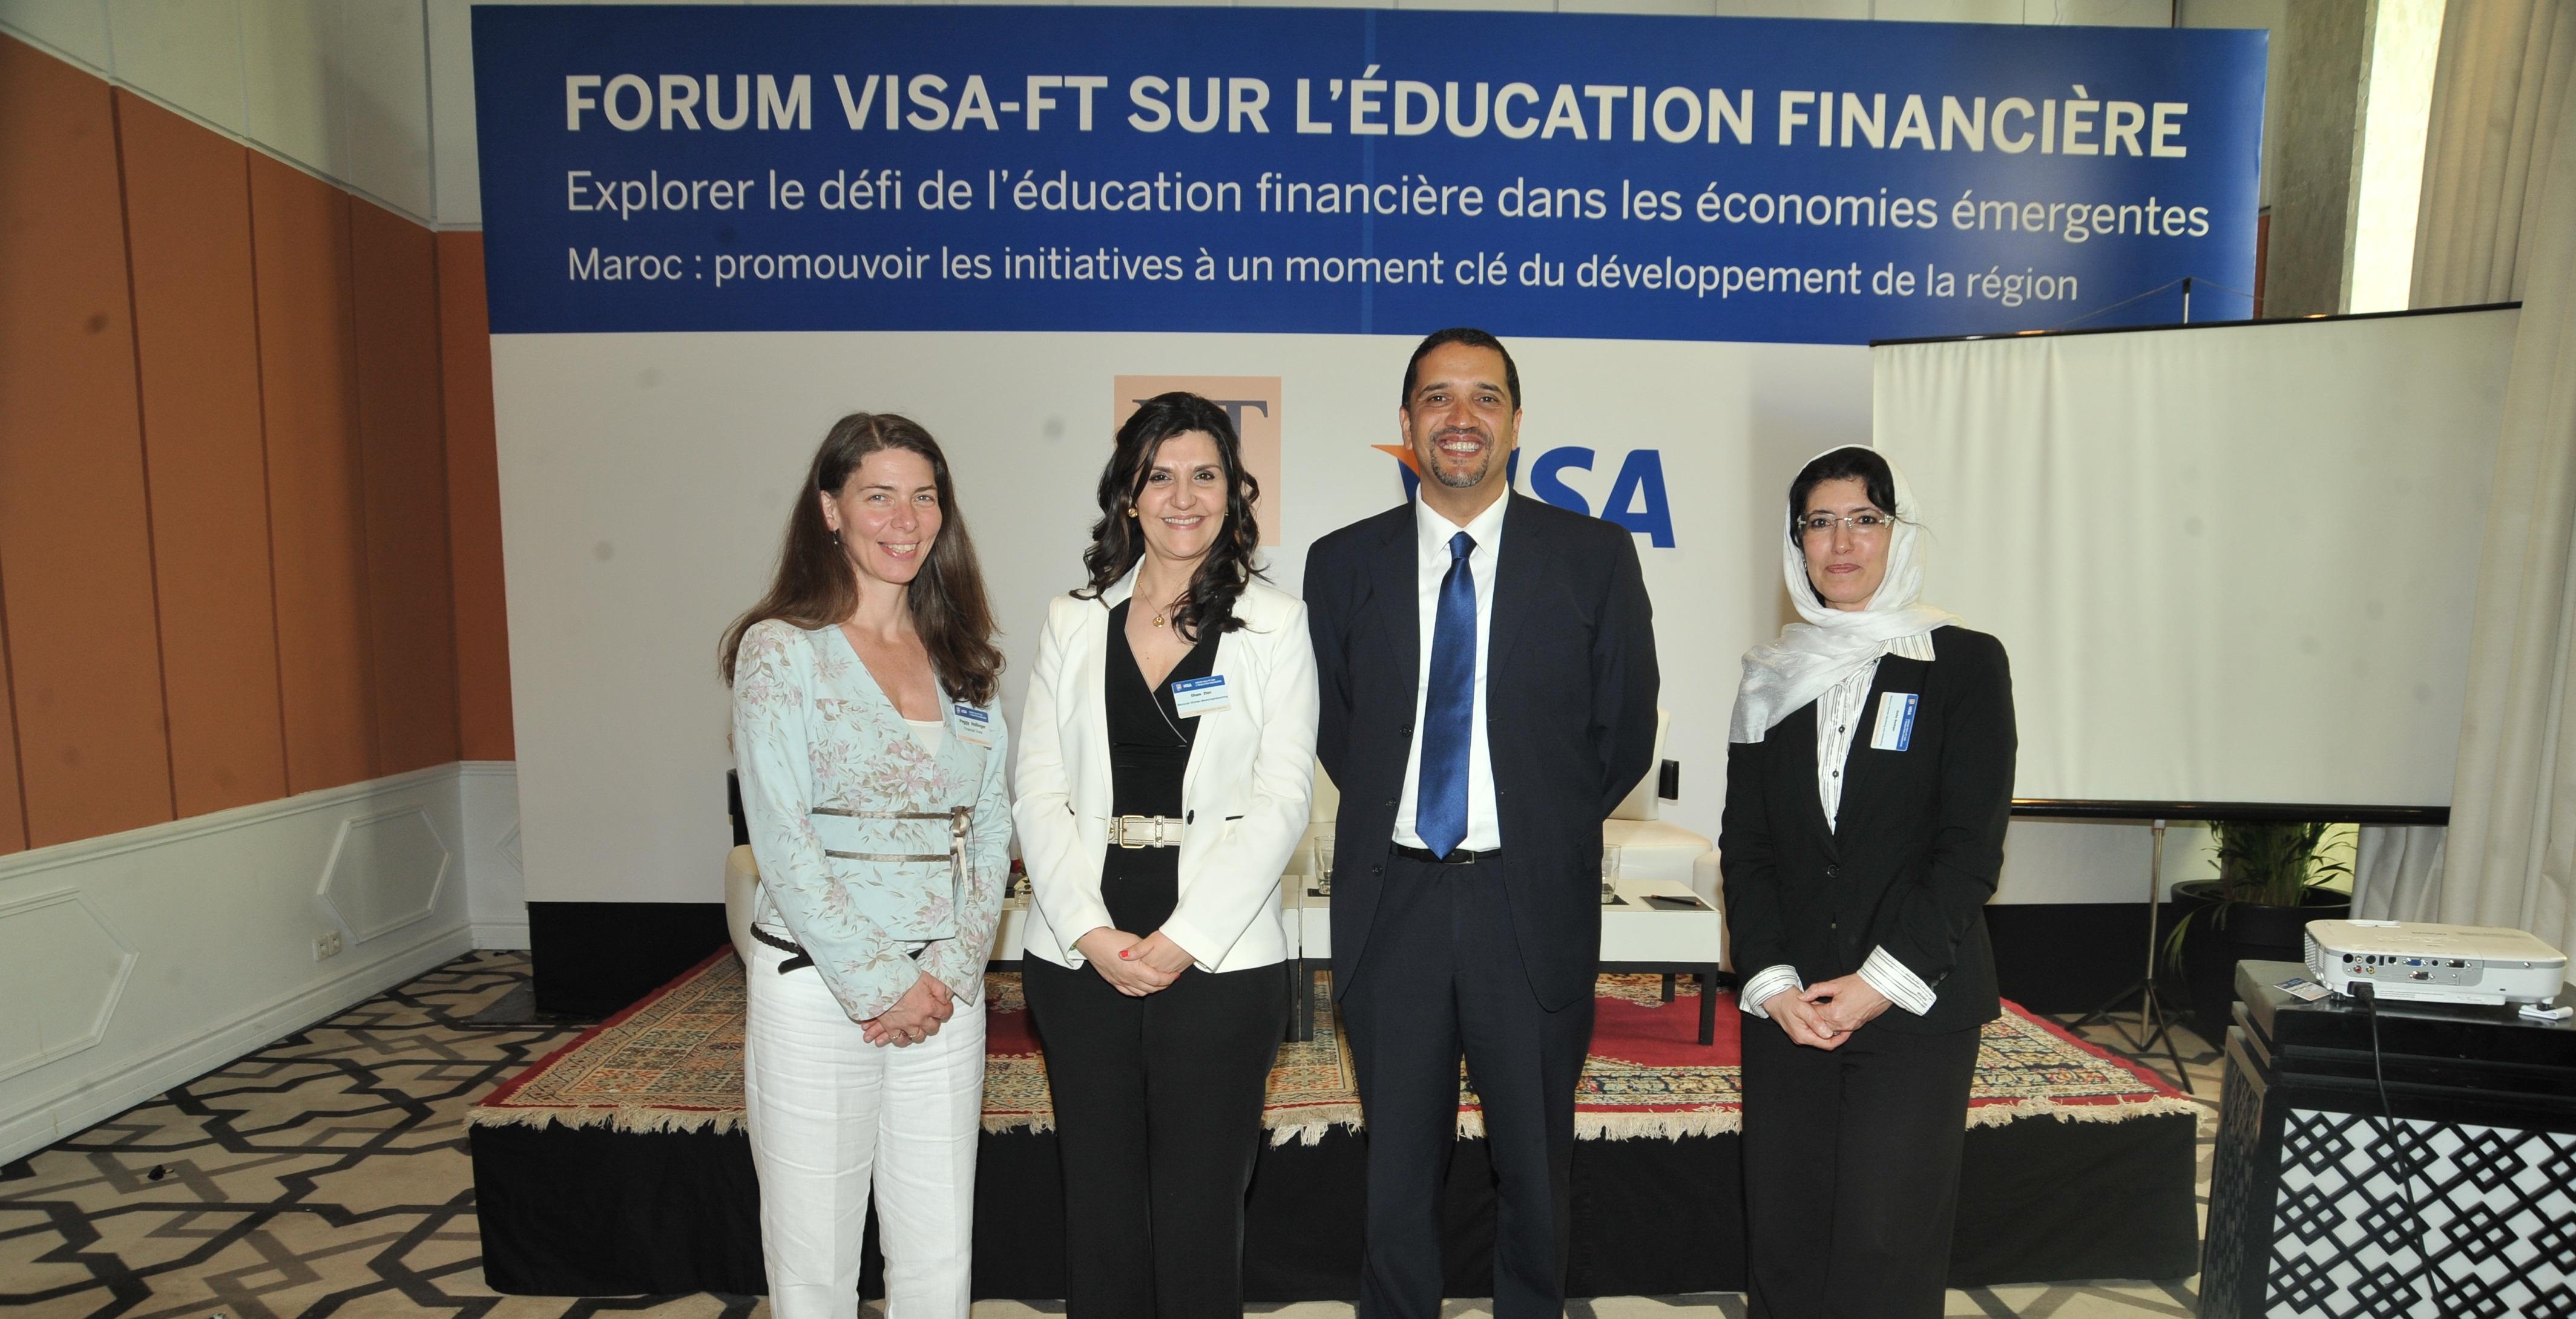 Forum  de  l'Education Financière